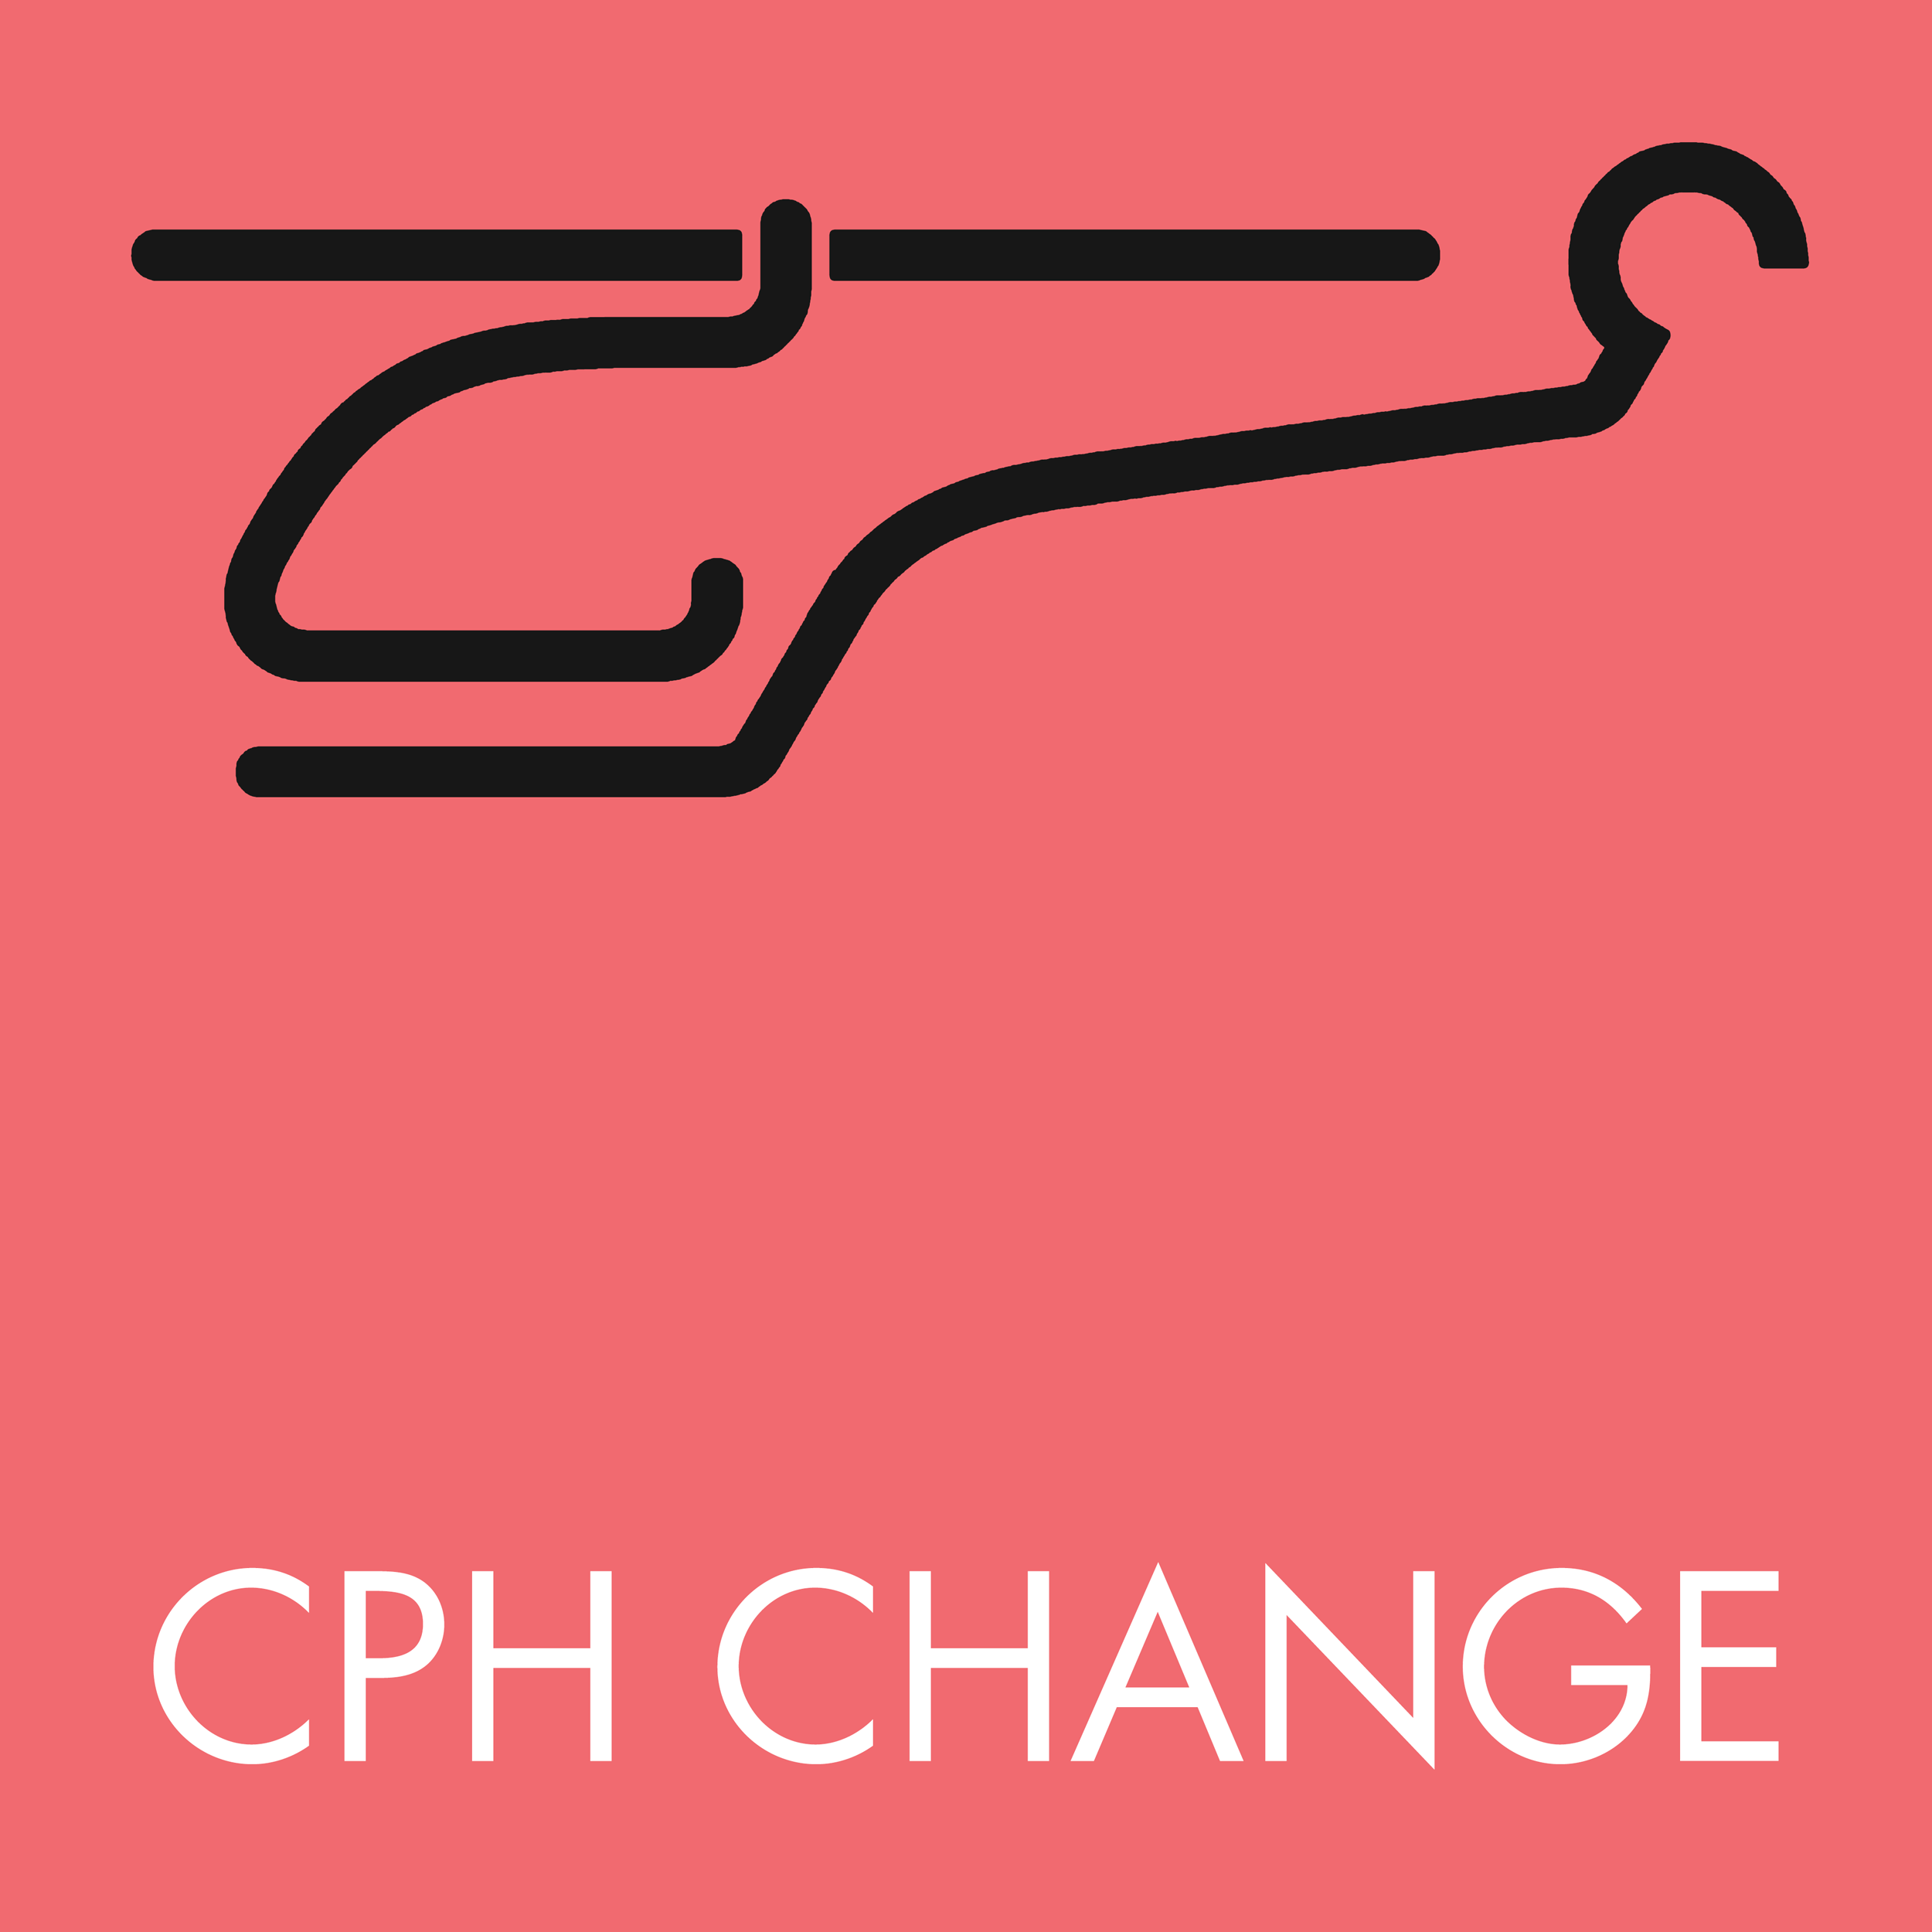 cph-change-logo-2018-2500.png